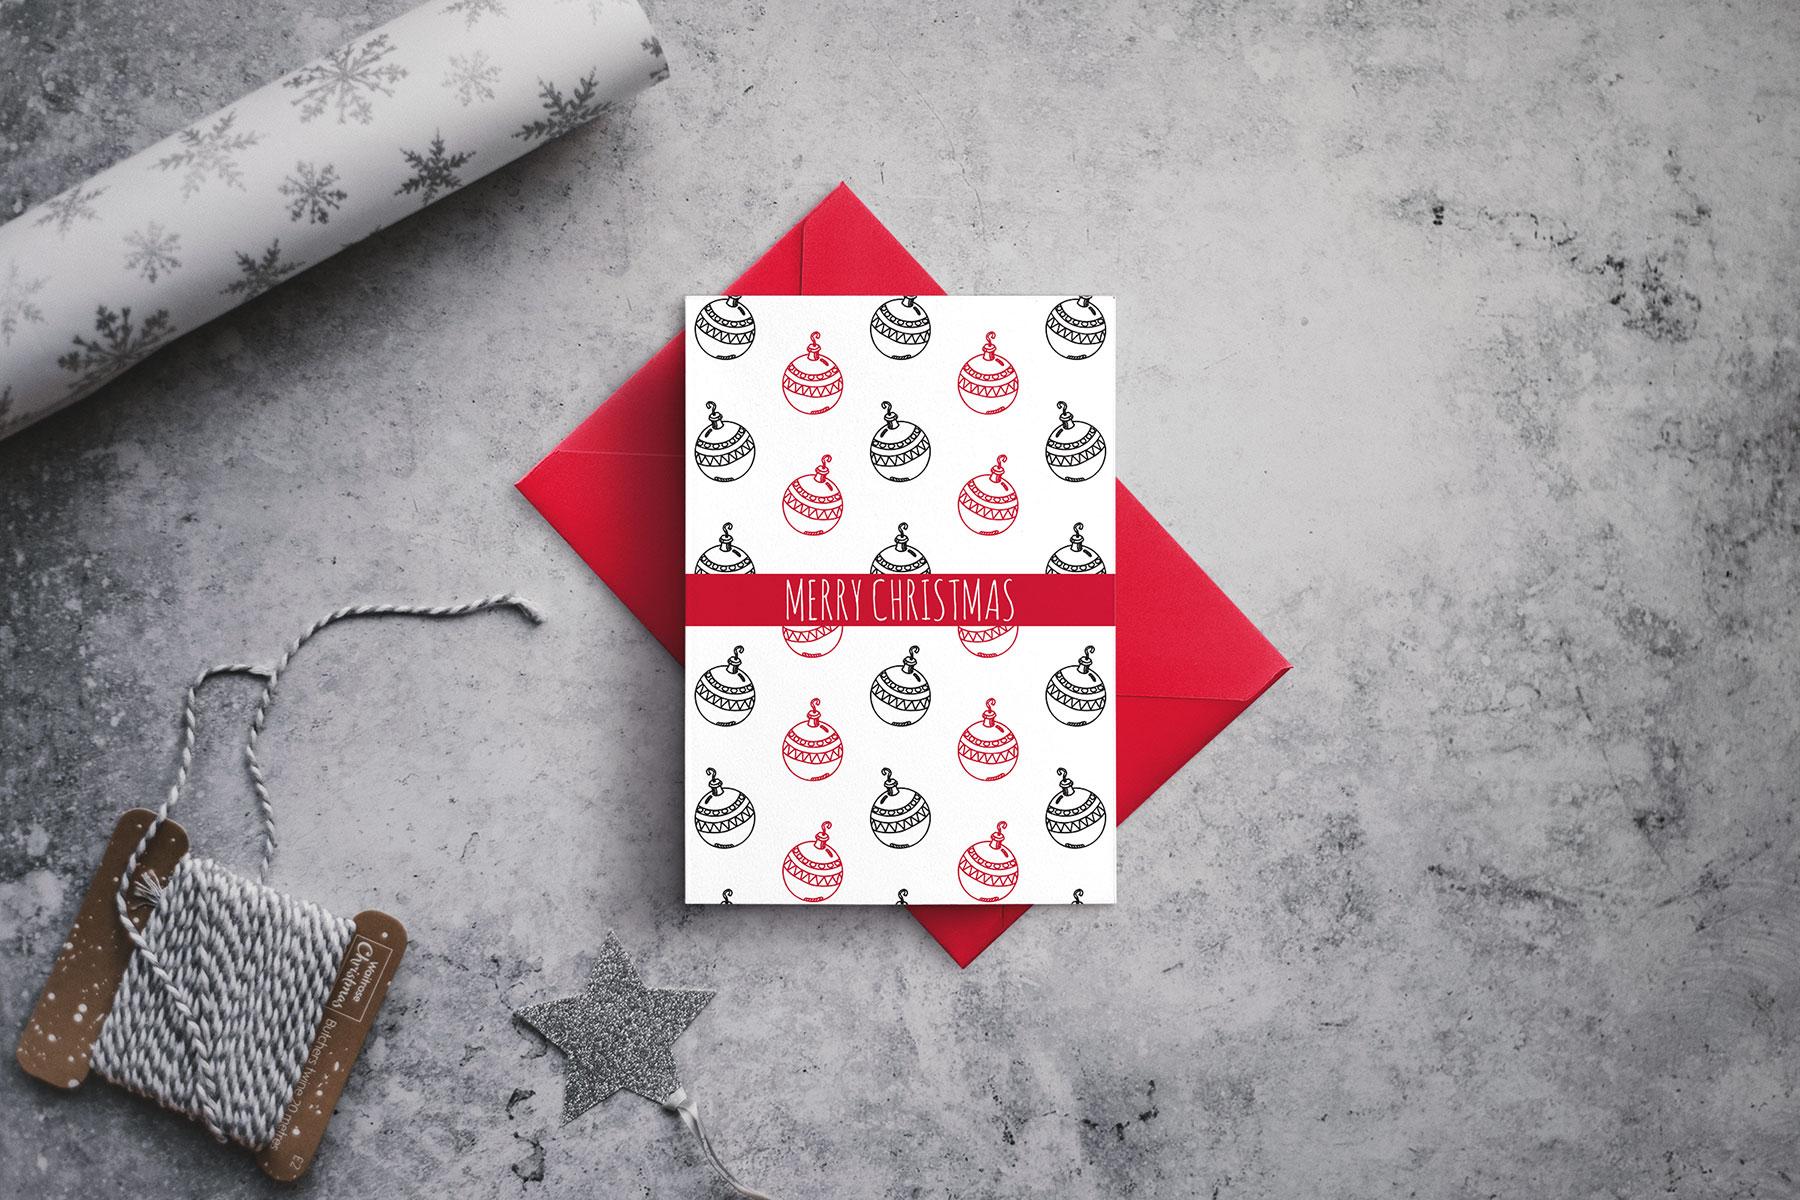 jasmin-plouffe-designer-invitation-06b.jpg